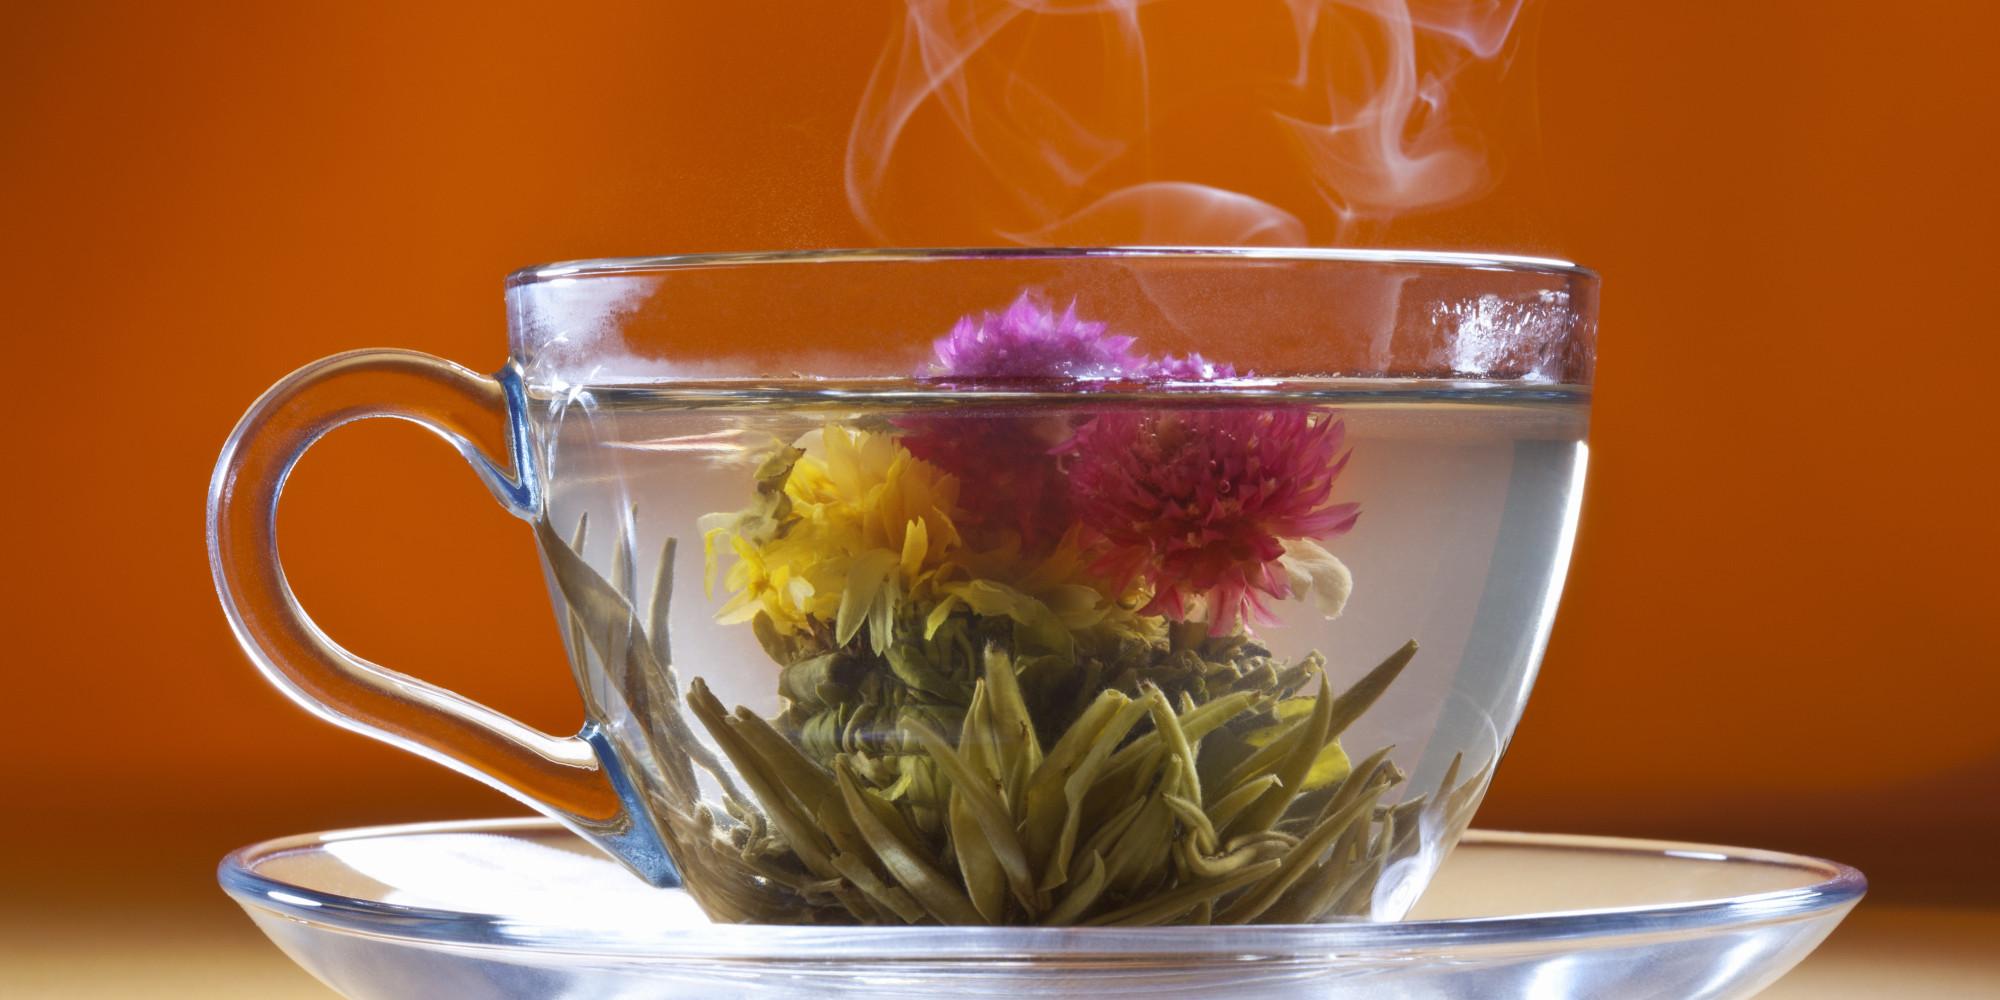 les fleurs de thé